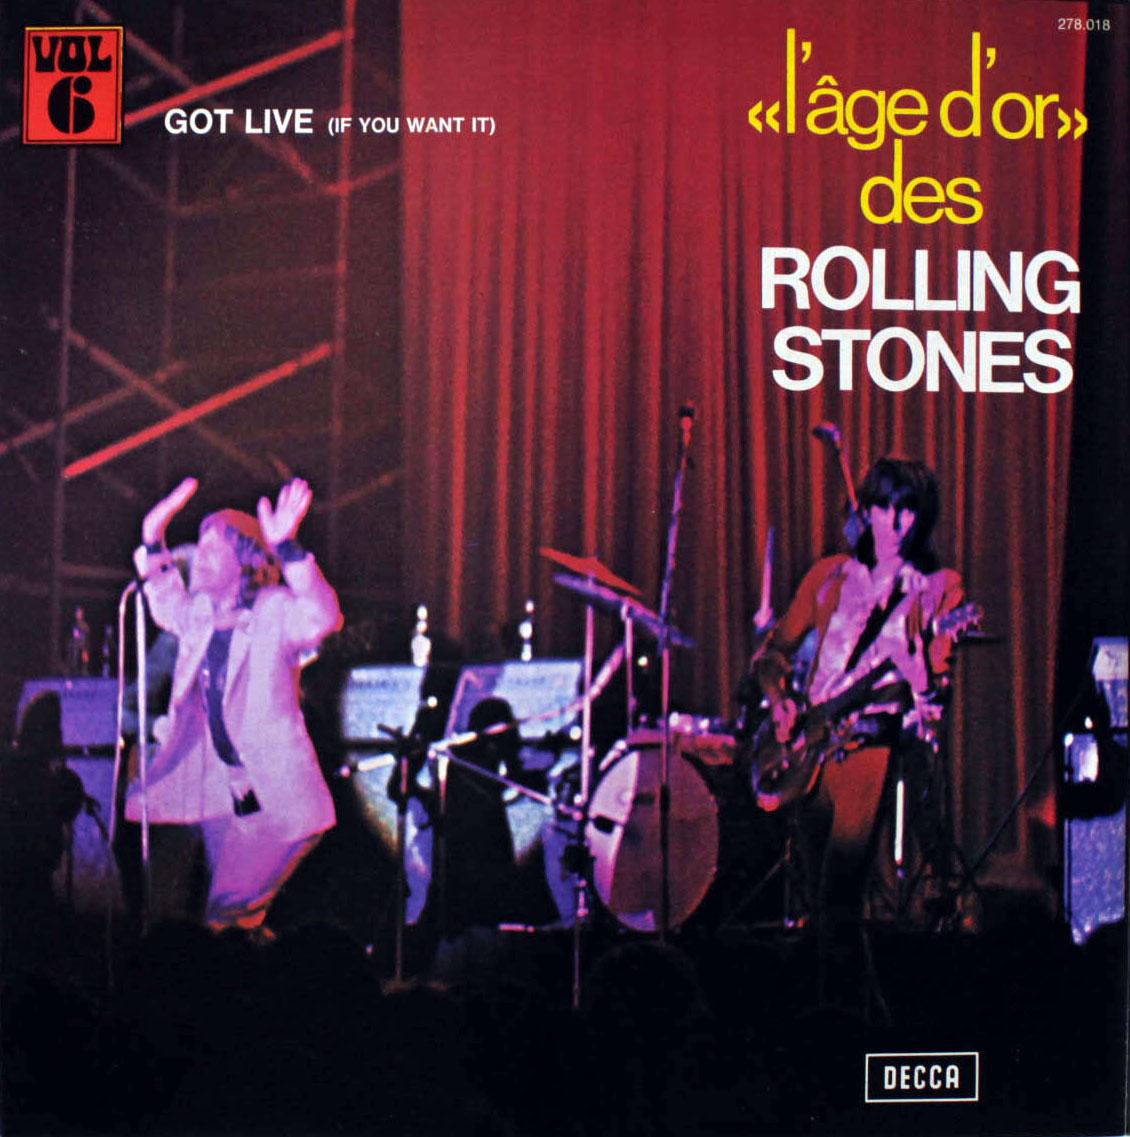 datation Decca Records 100 gratuit en ligne Cougar Dating